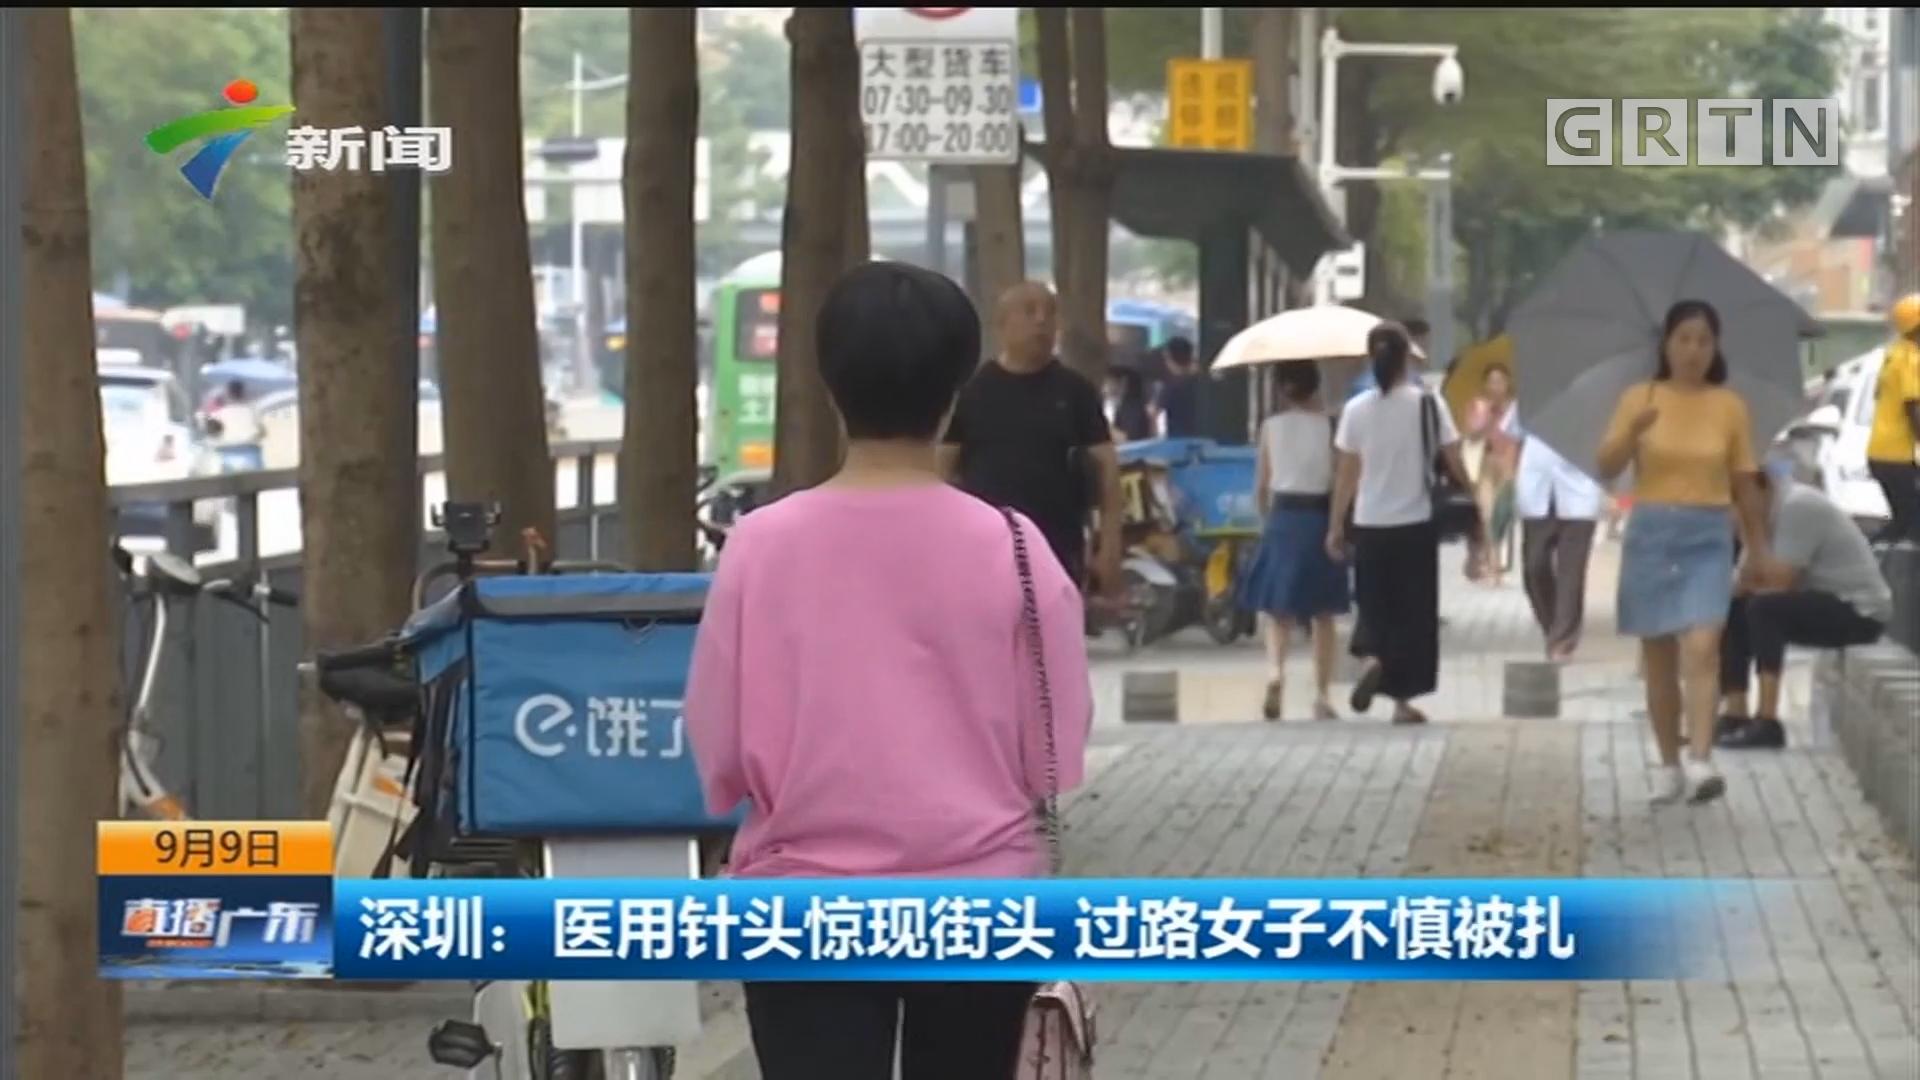 深圳:医用针头惊现街头 过路女子不慎被扎伤